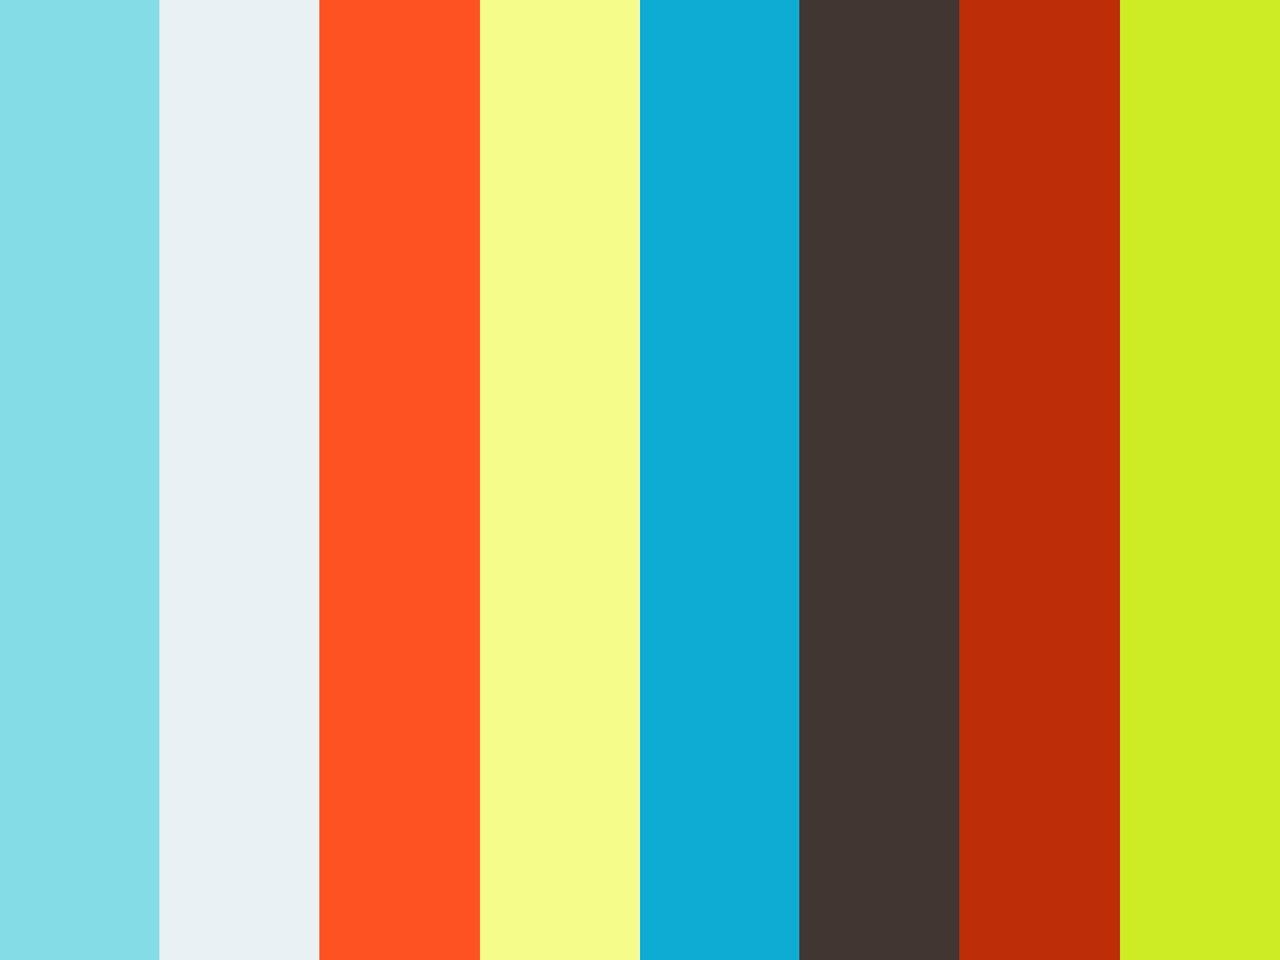 113 Branding Red Carpet TV Web Series Featuring Naomi Bareket